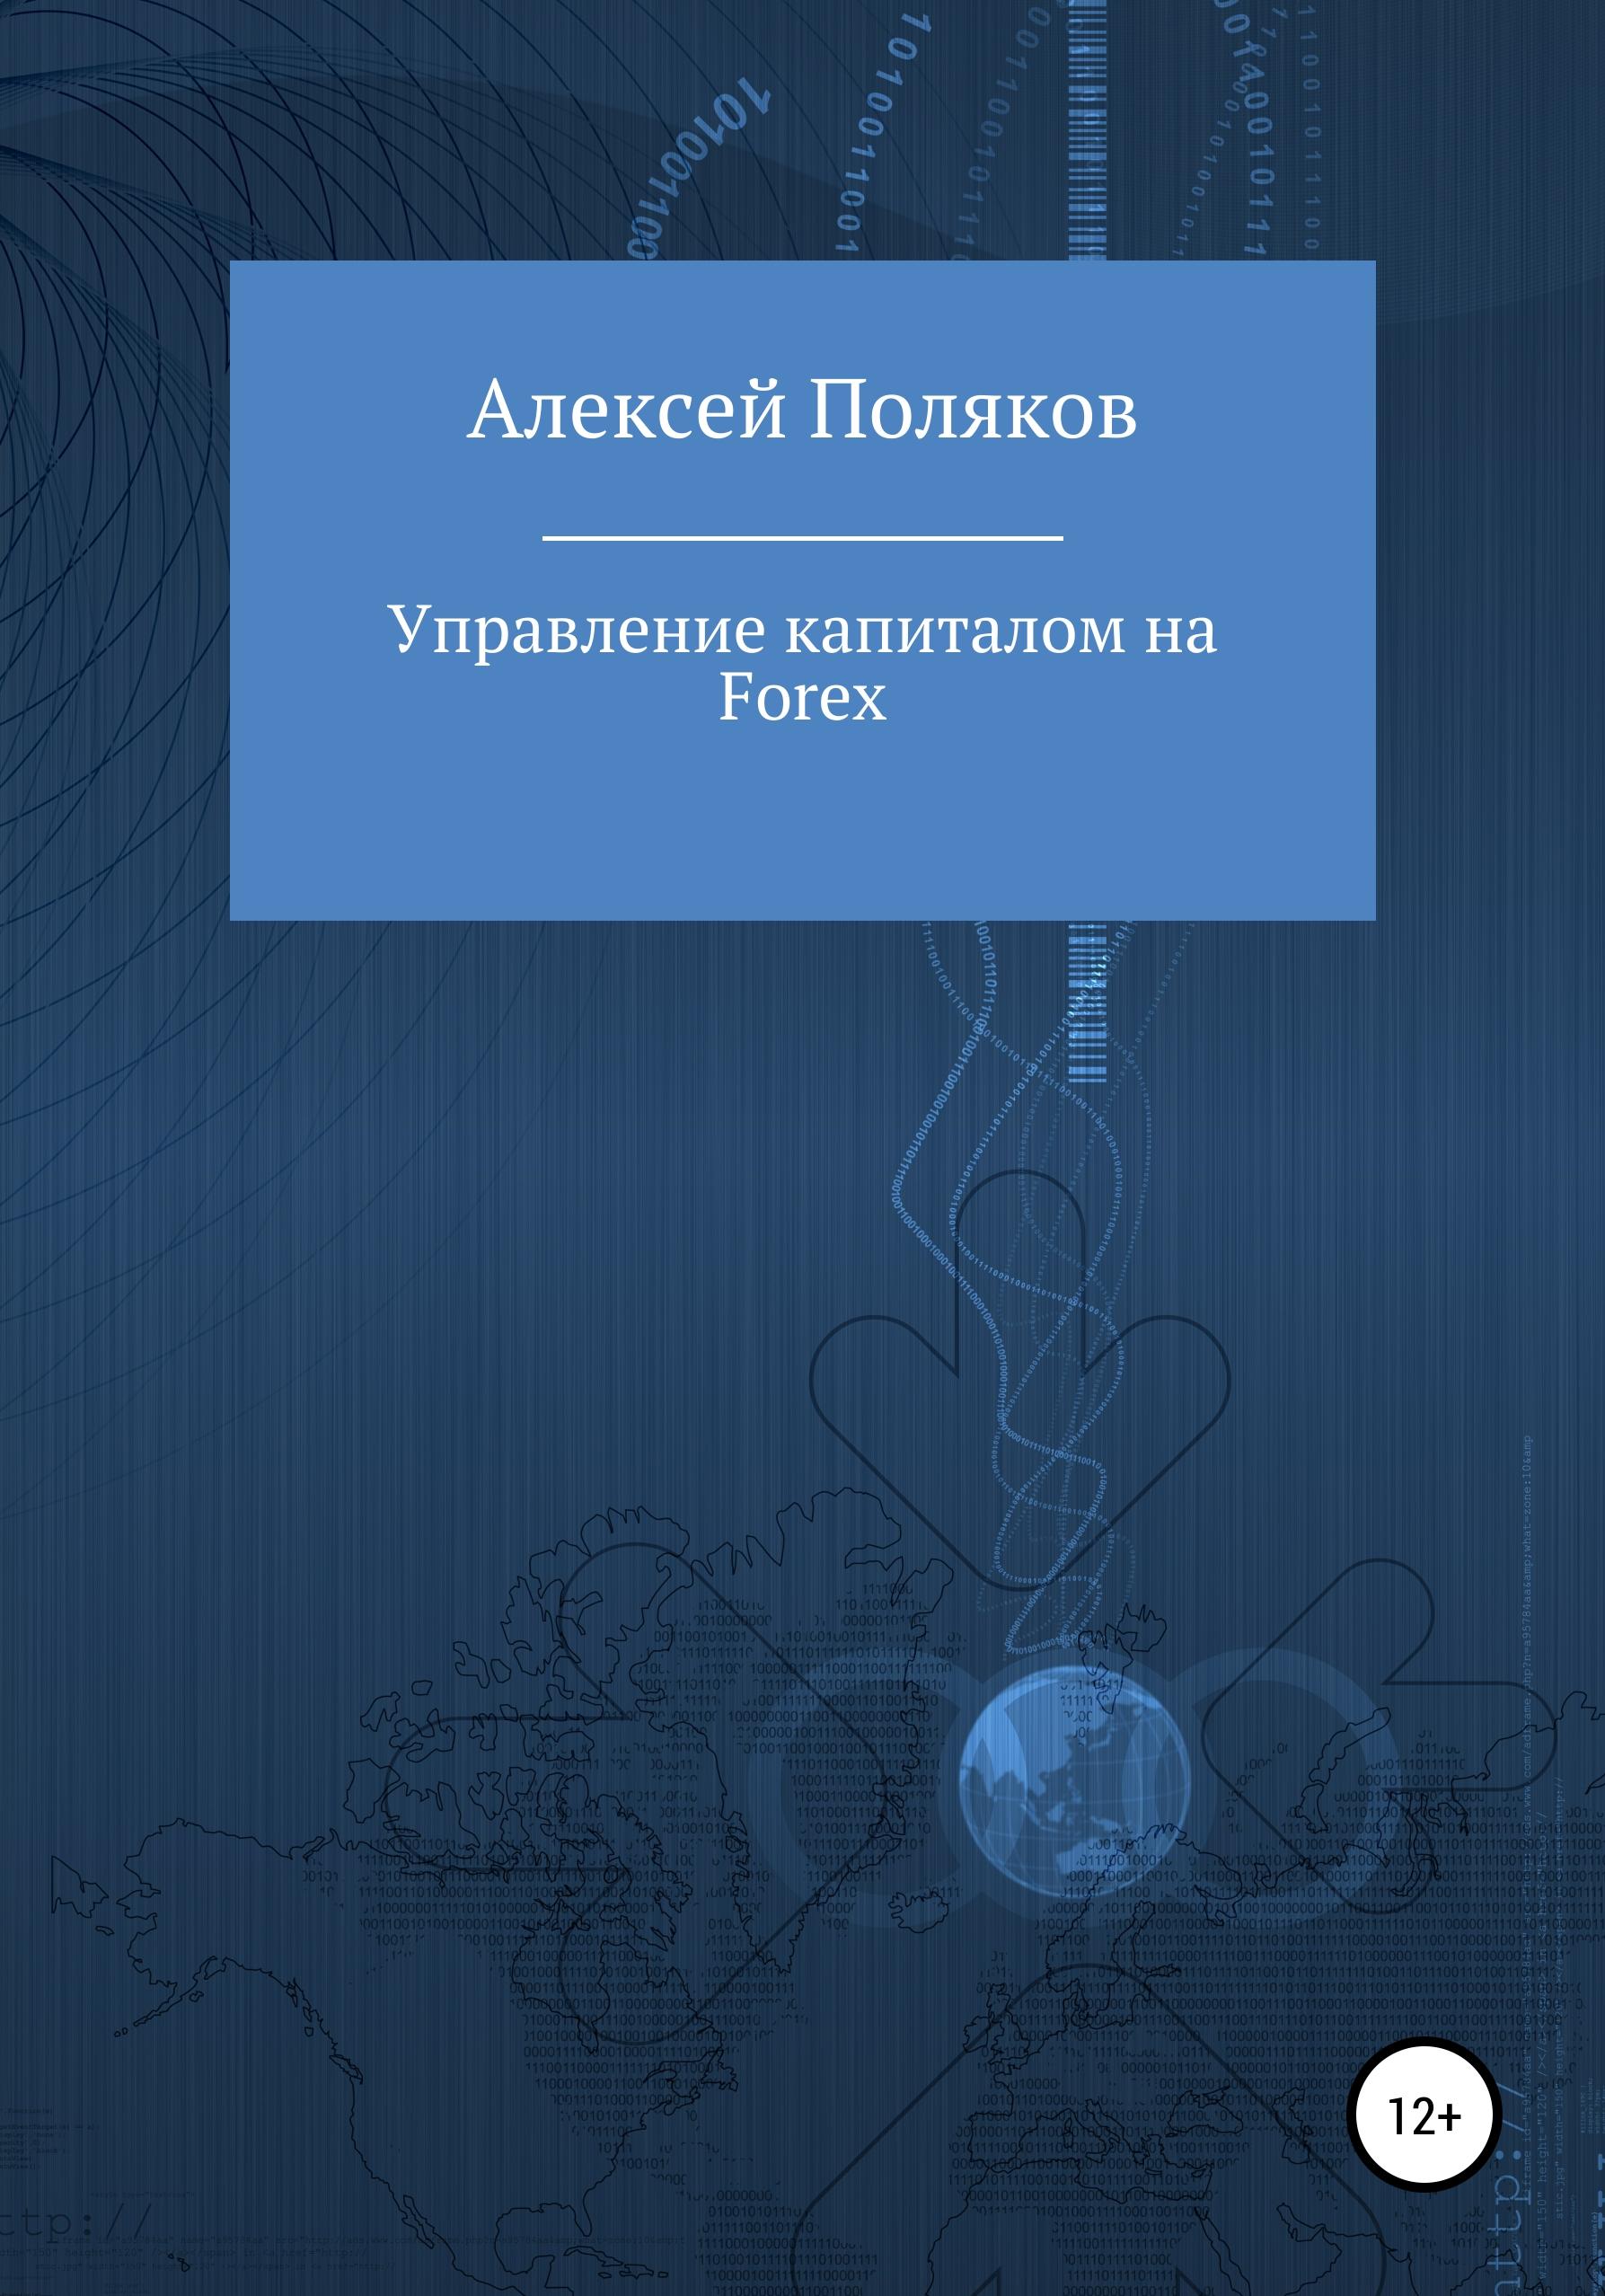 Обложка книги Управление капиталом на Forex